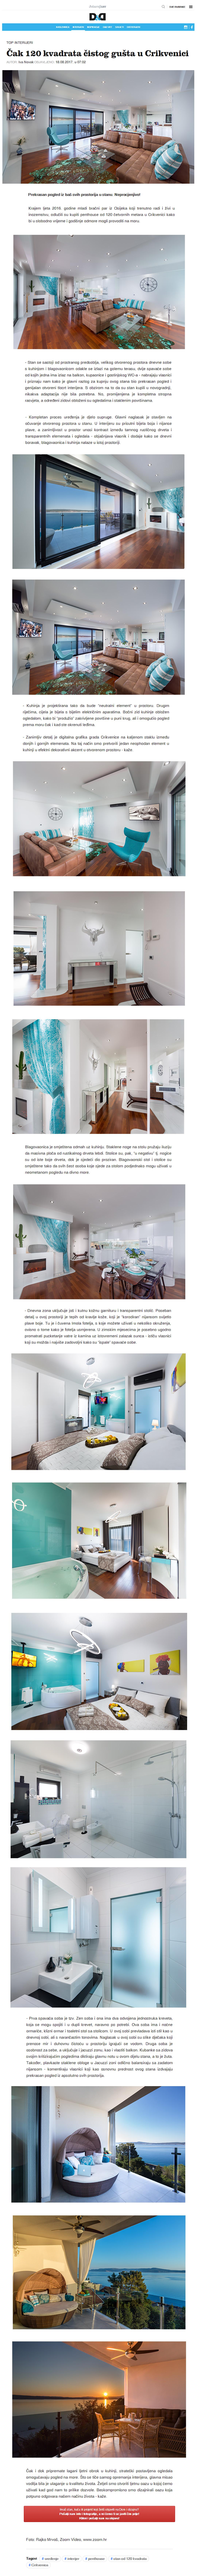 Larimar-Penthouse-Apartment-Crikvenica